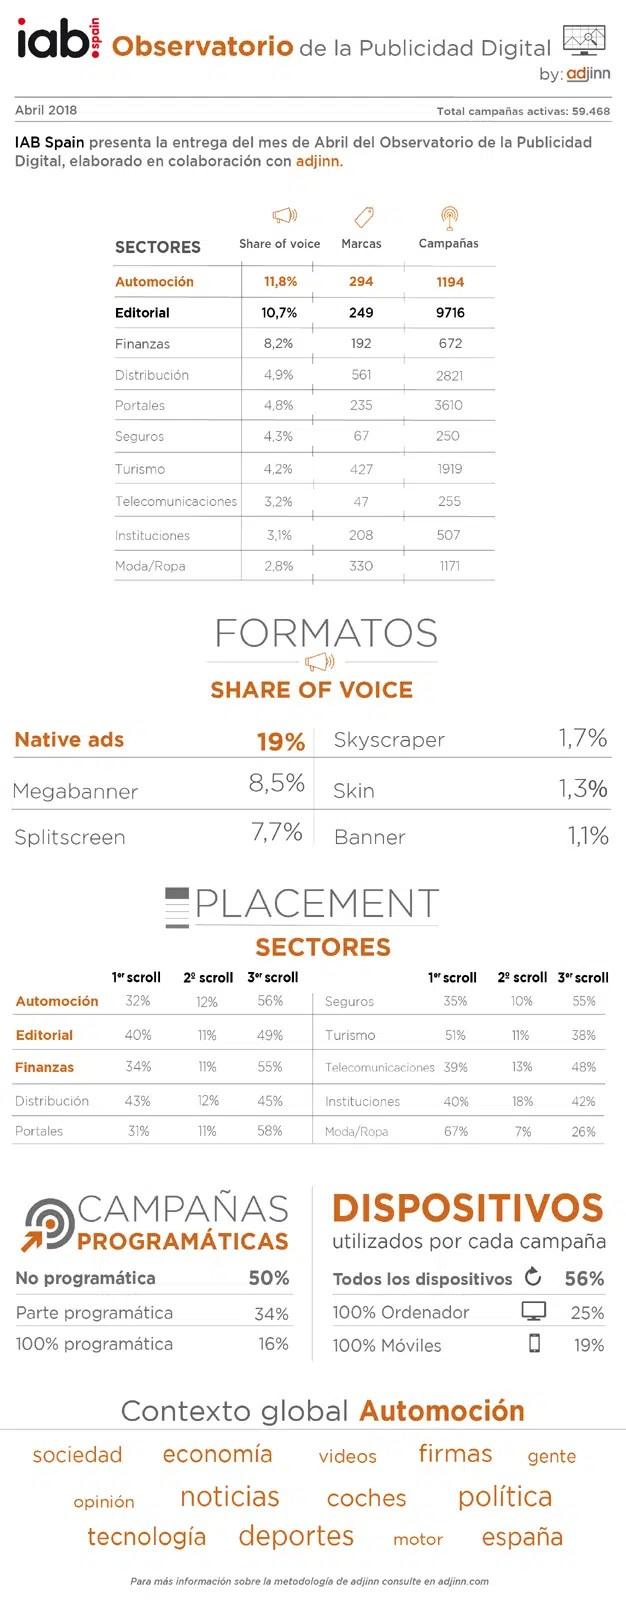 El sector Automoción reinó en la publicidad digital durante el mes de abril